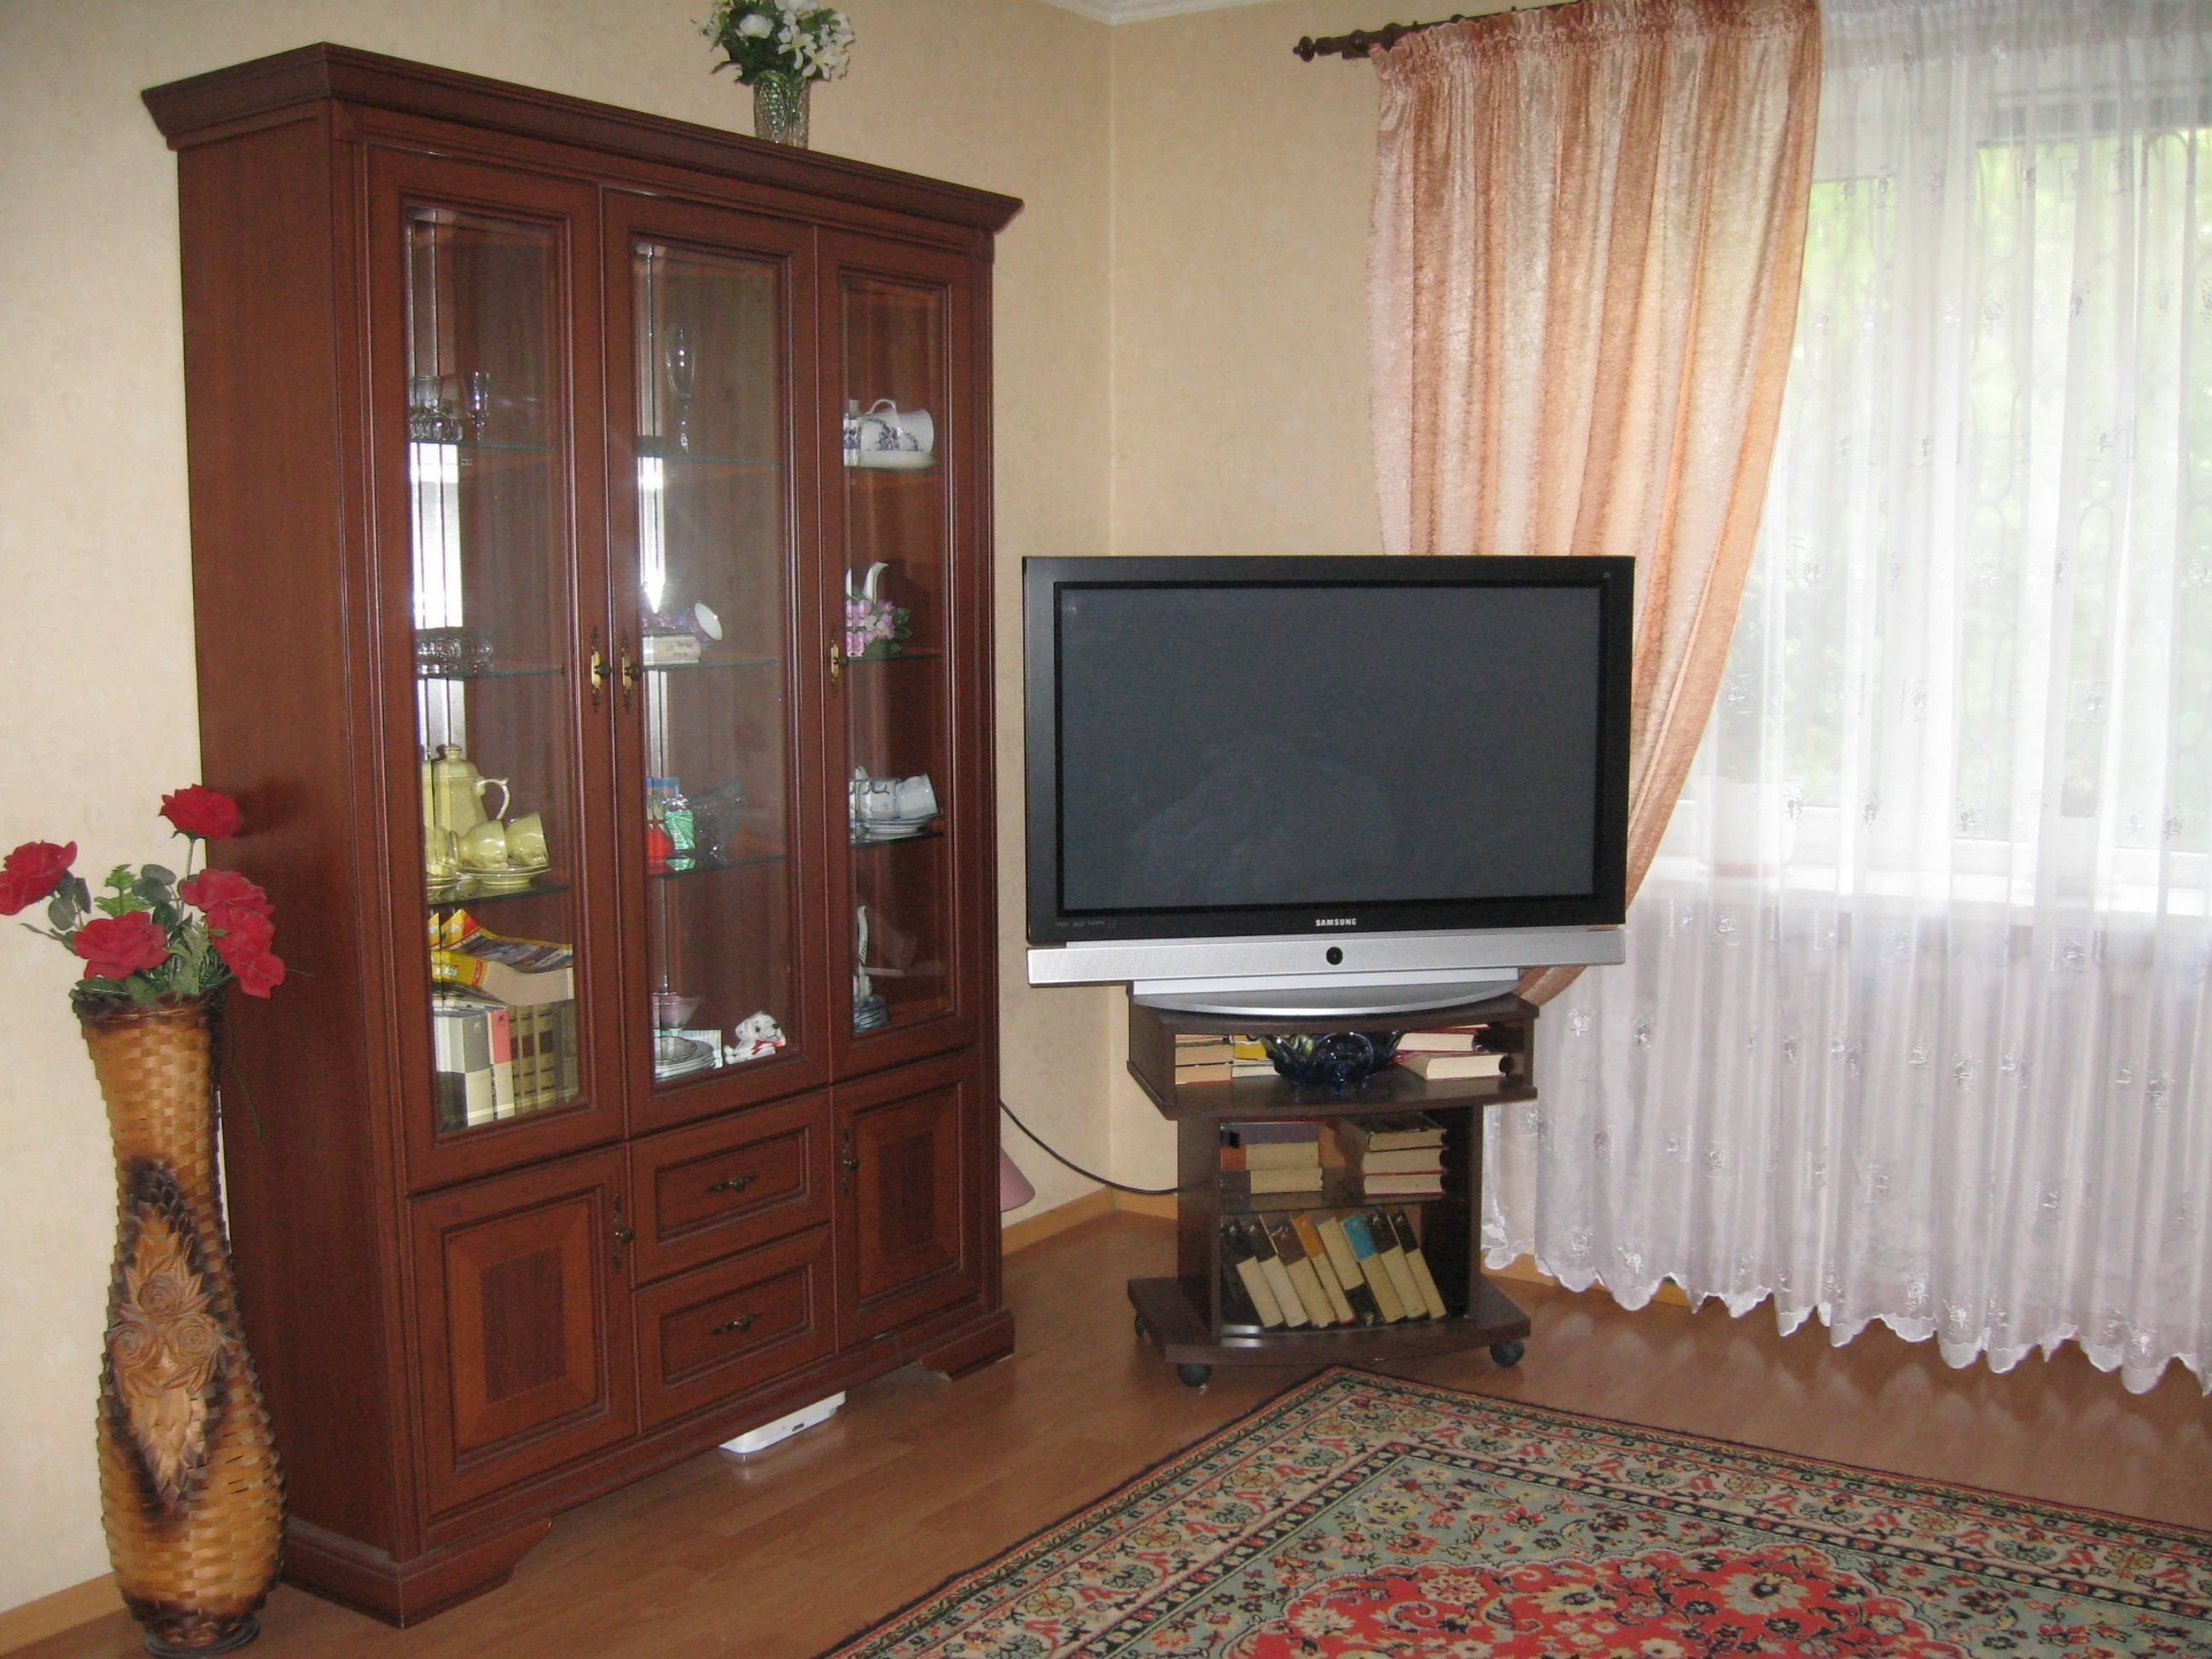 Фото: Продам будинок в місті Овідіополь. Оголошення № 3467